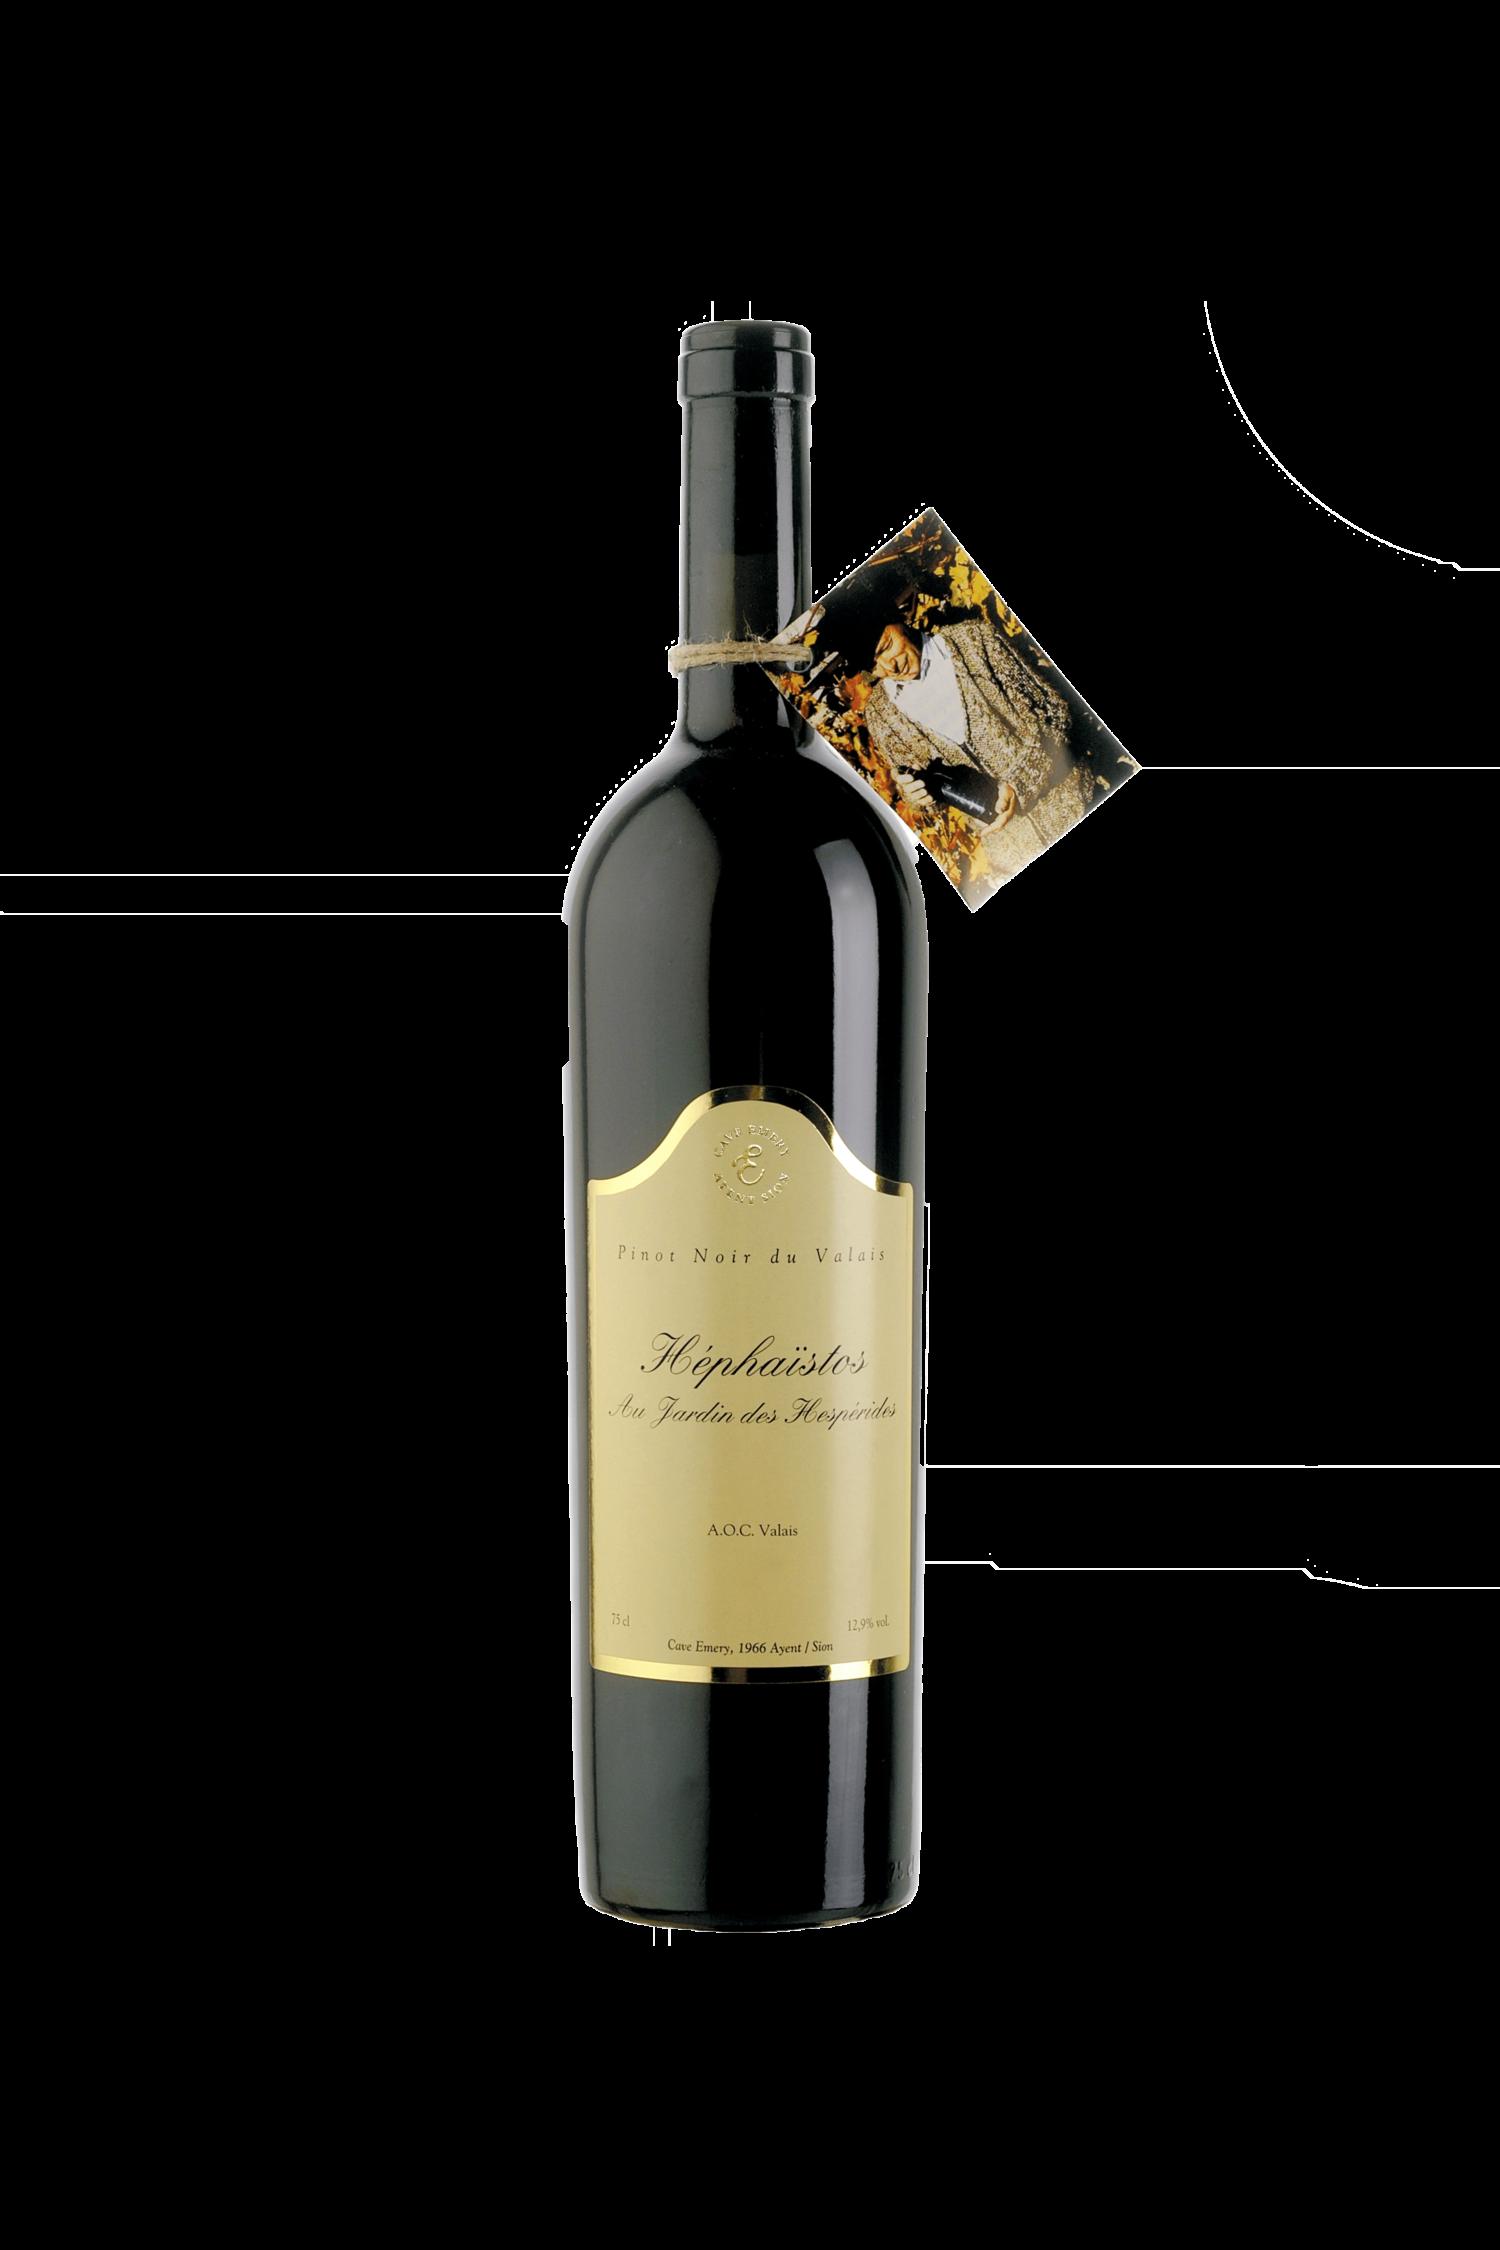 Pinot Noir «Hephaistos» La Mémoire du temps